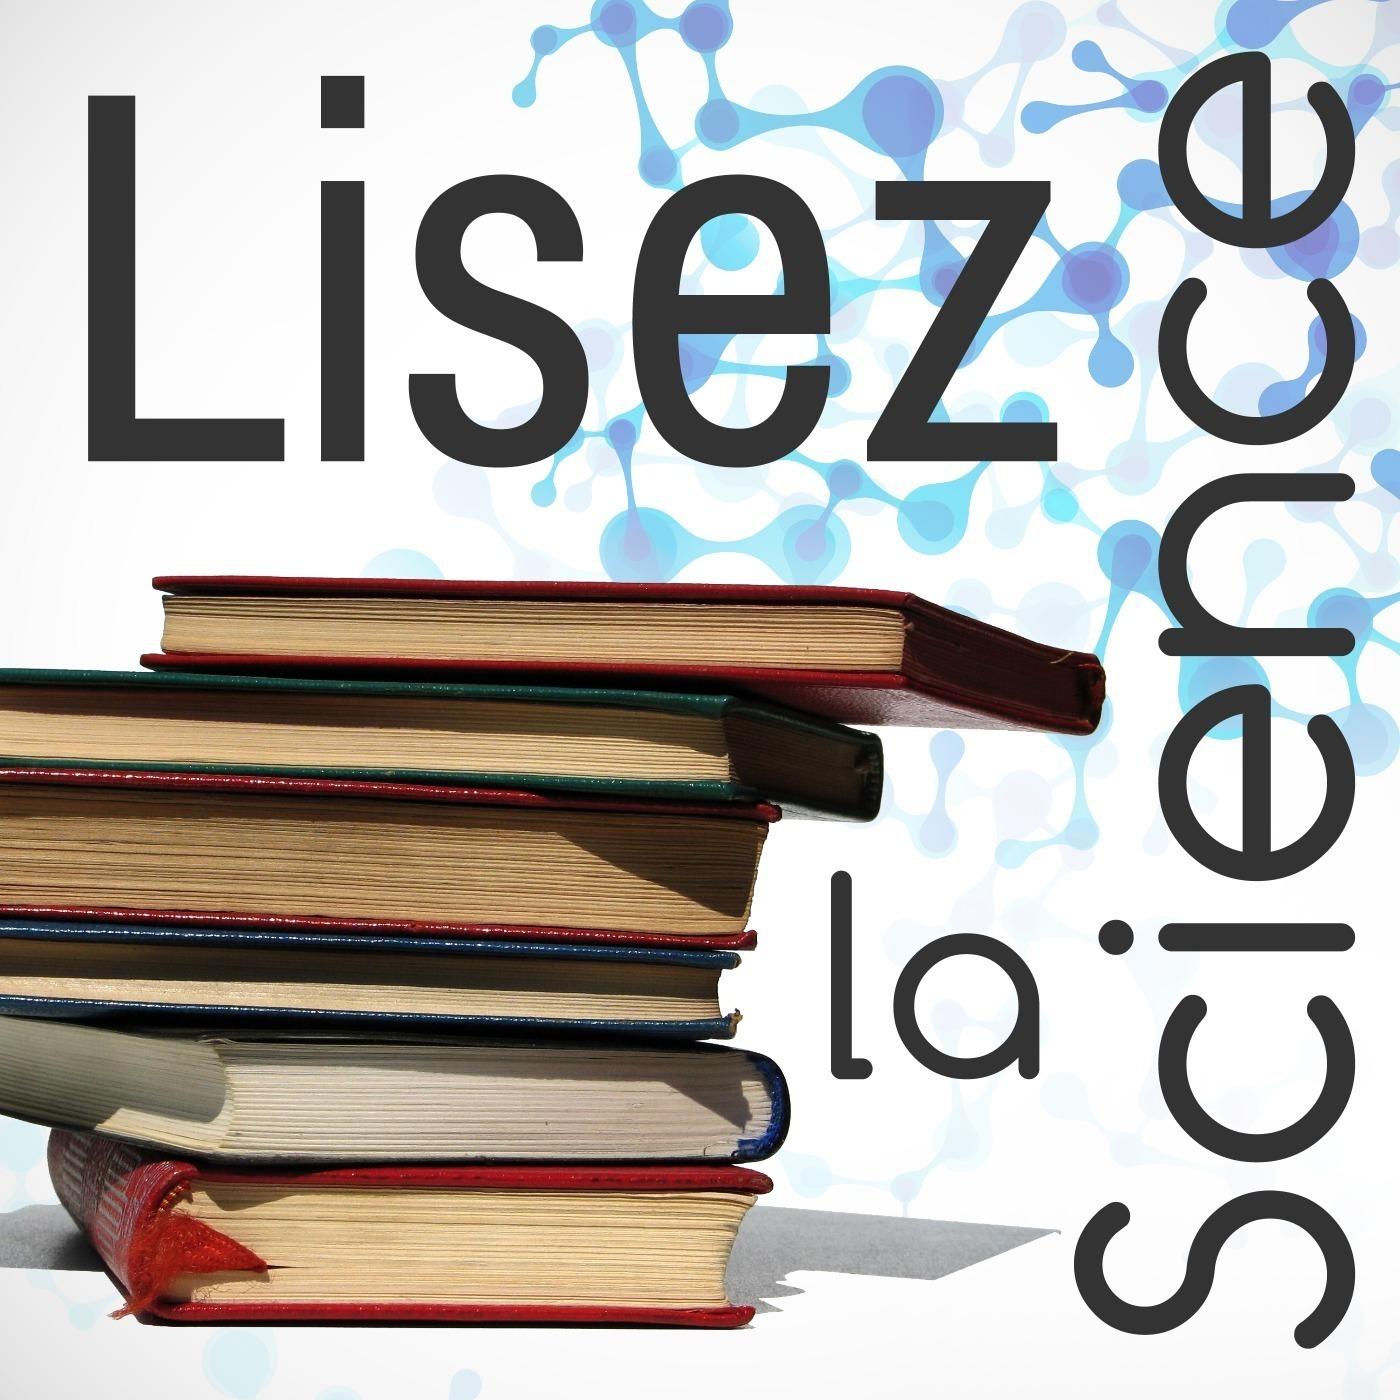 LisezLaScience - 13 - Une Histoire de Tout ou Presque de B. Bryson avec Sébastien Carassou